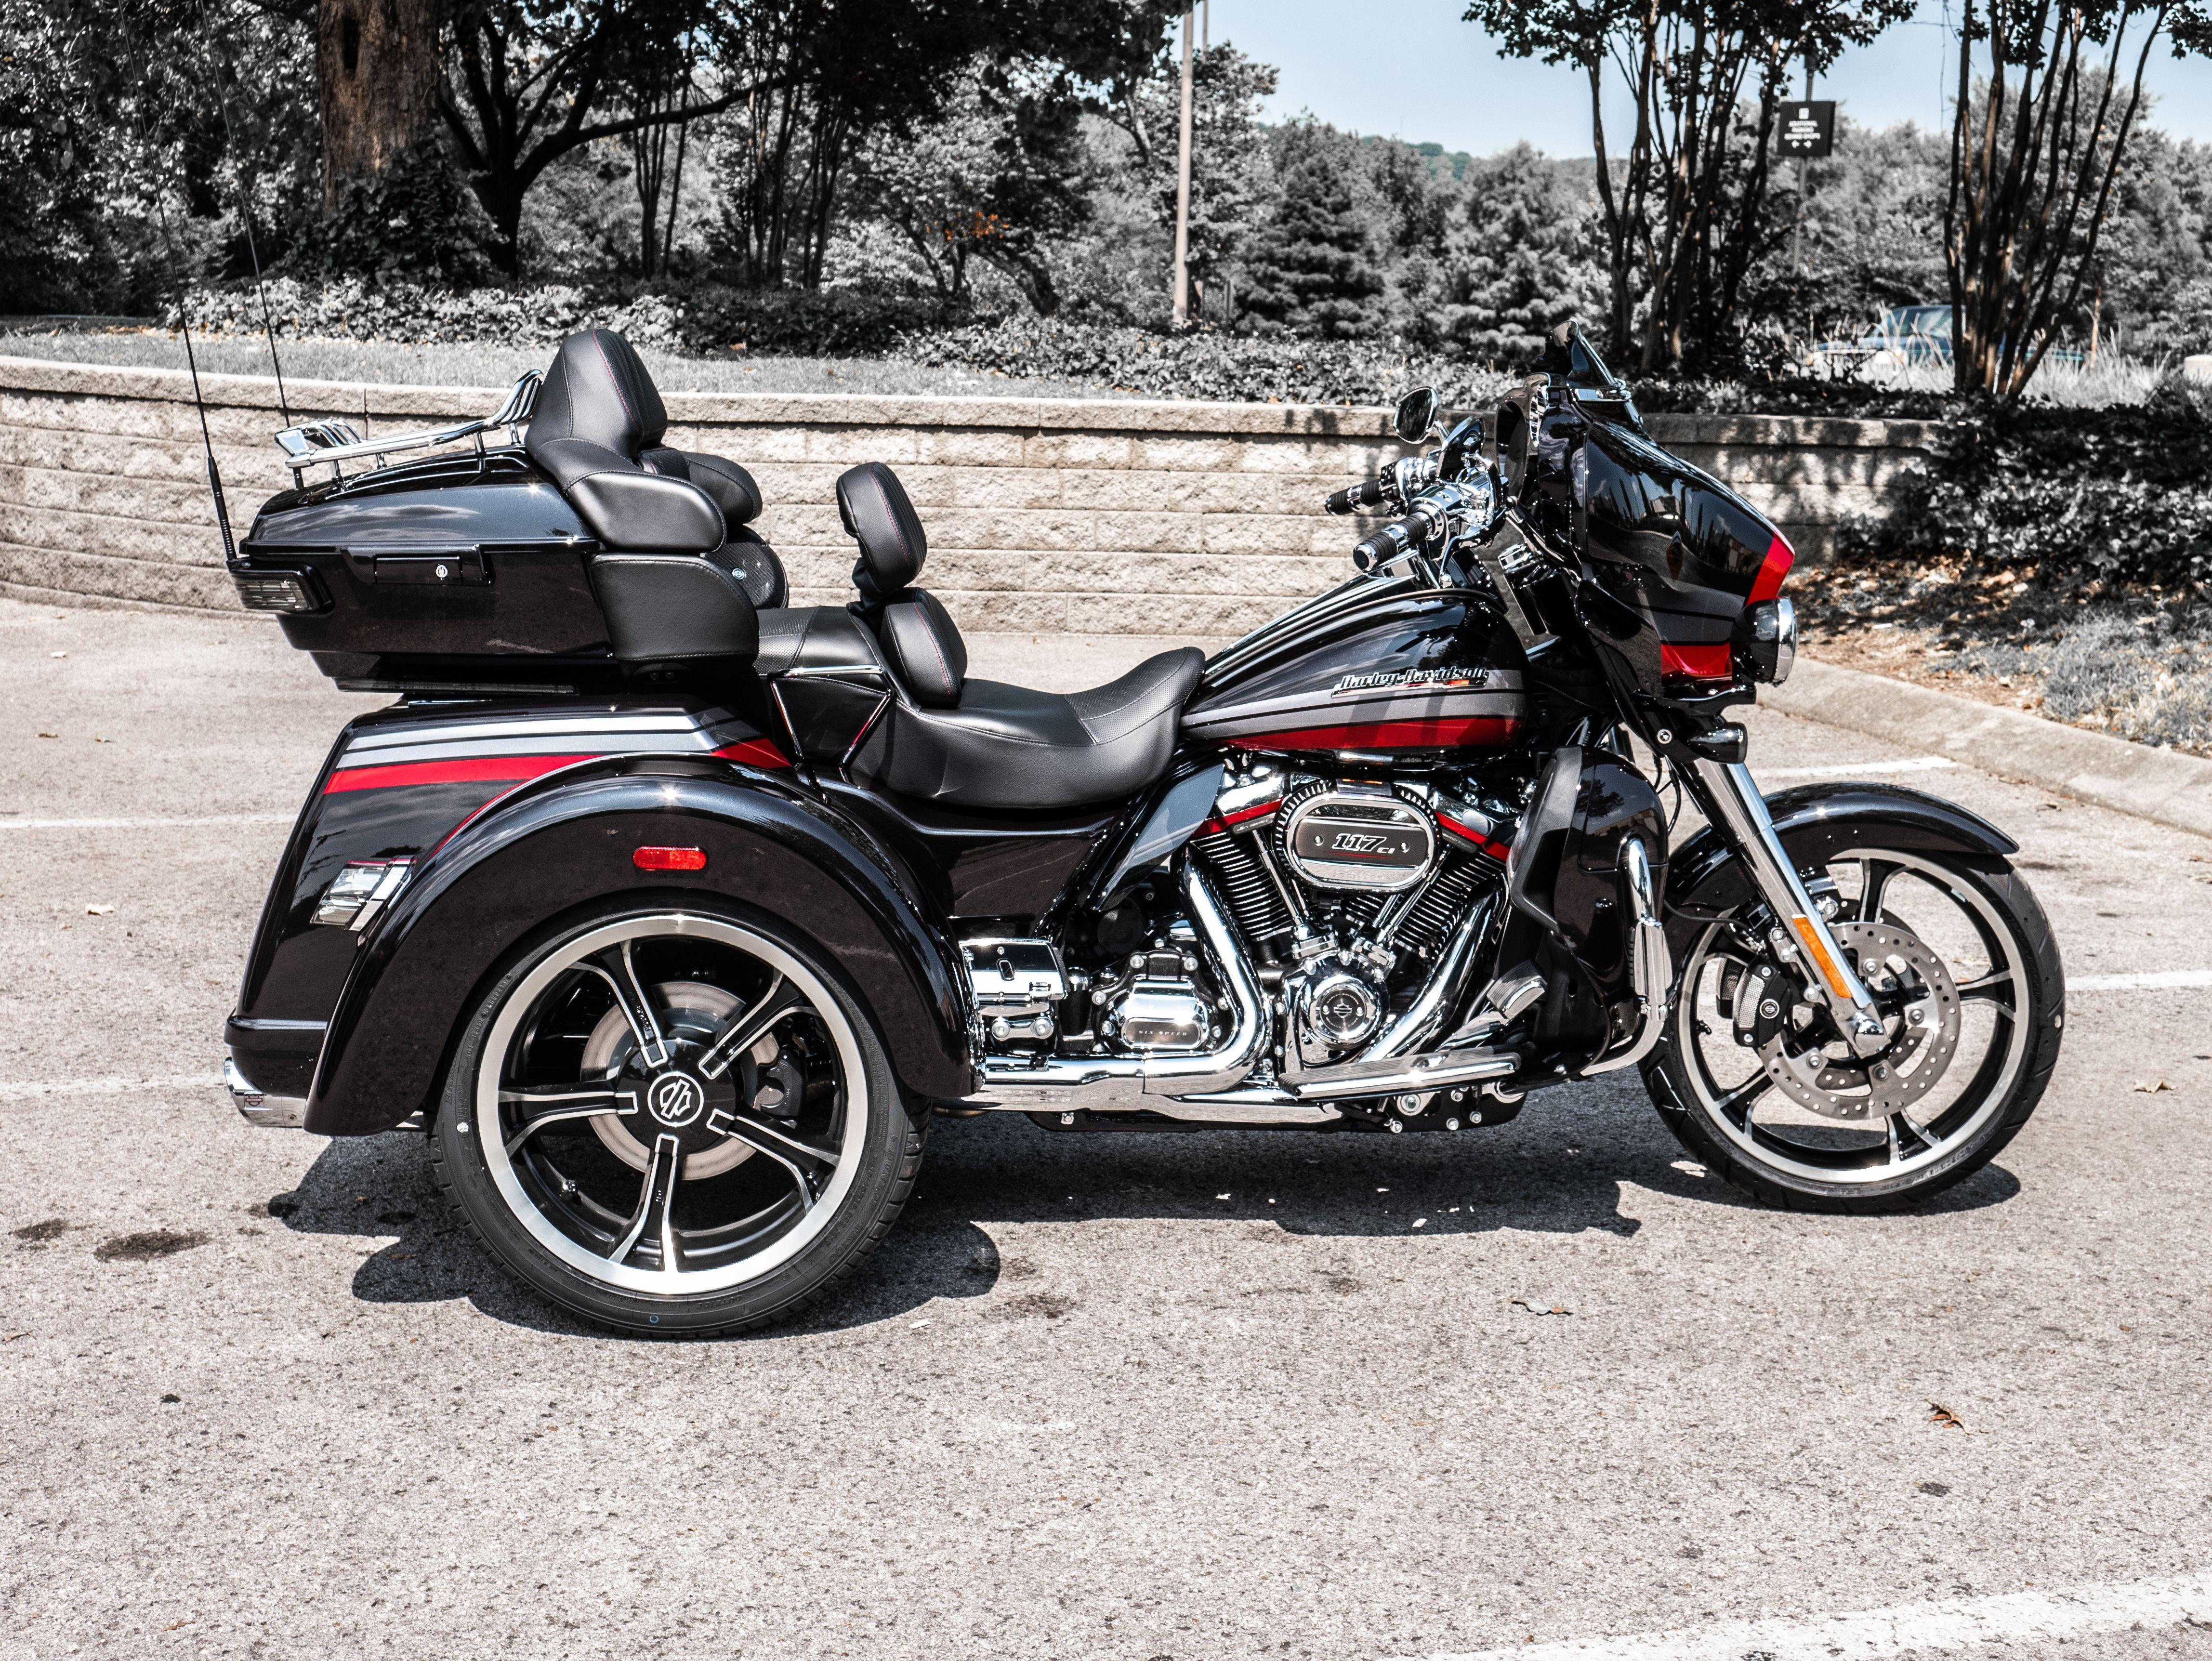 New 2020 Harley-Davidson CVO Tri Glide in Franklin # ...